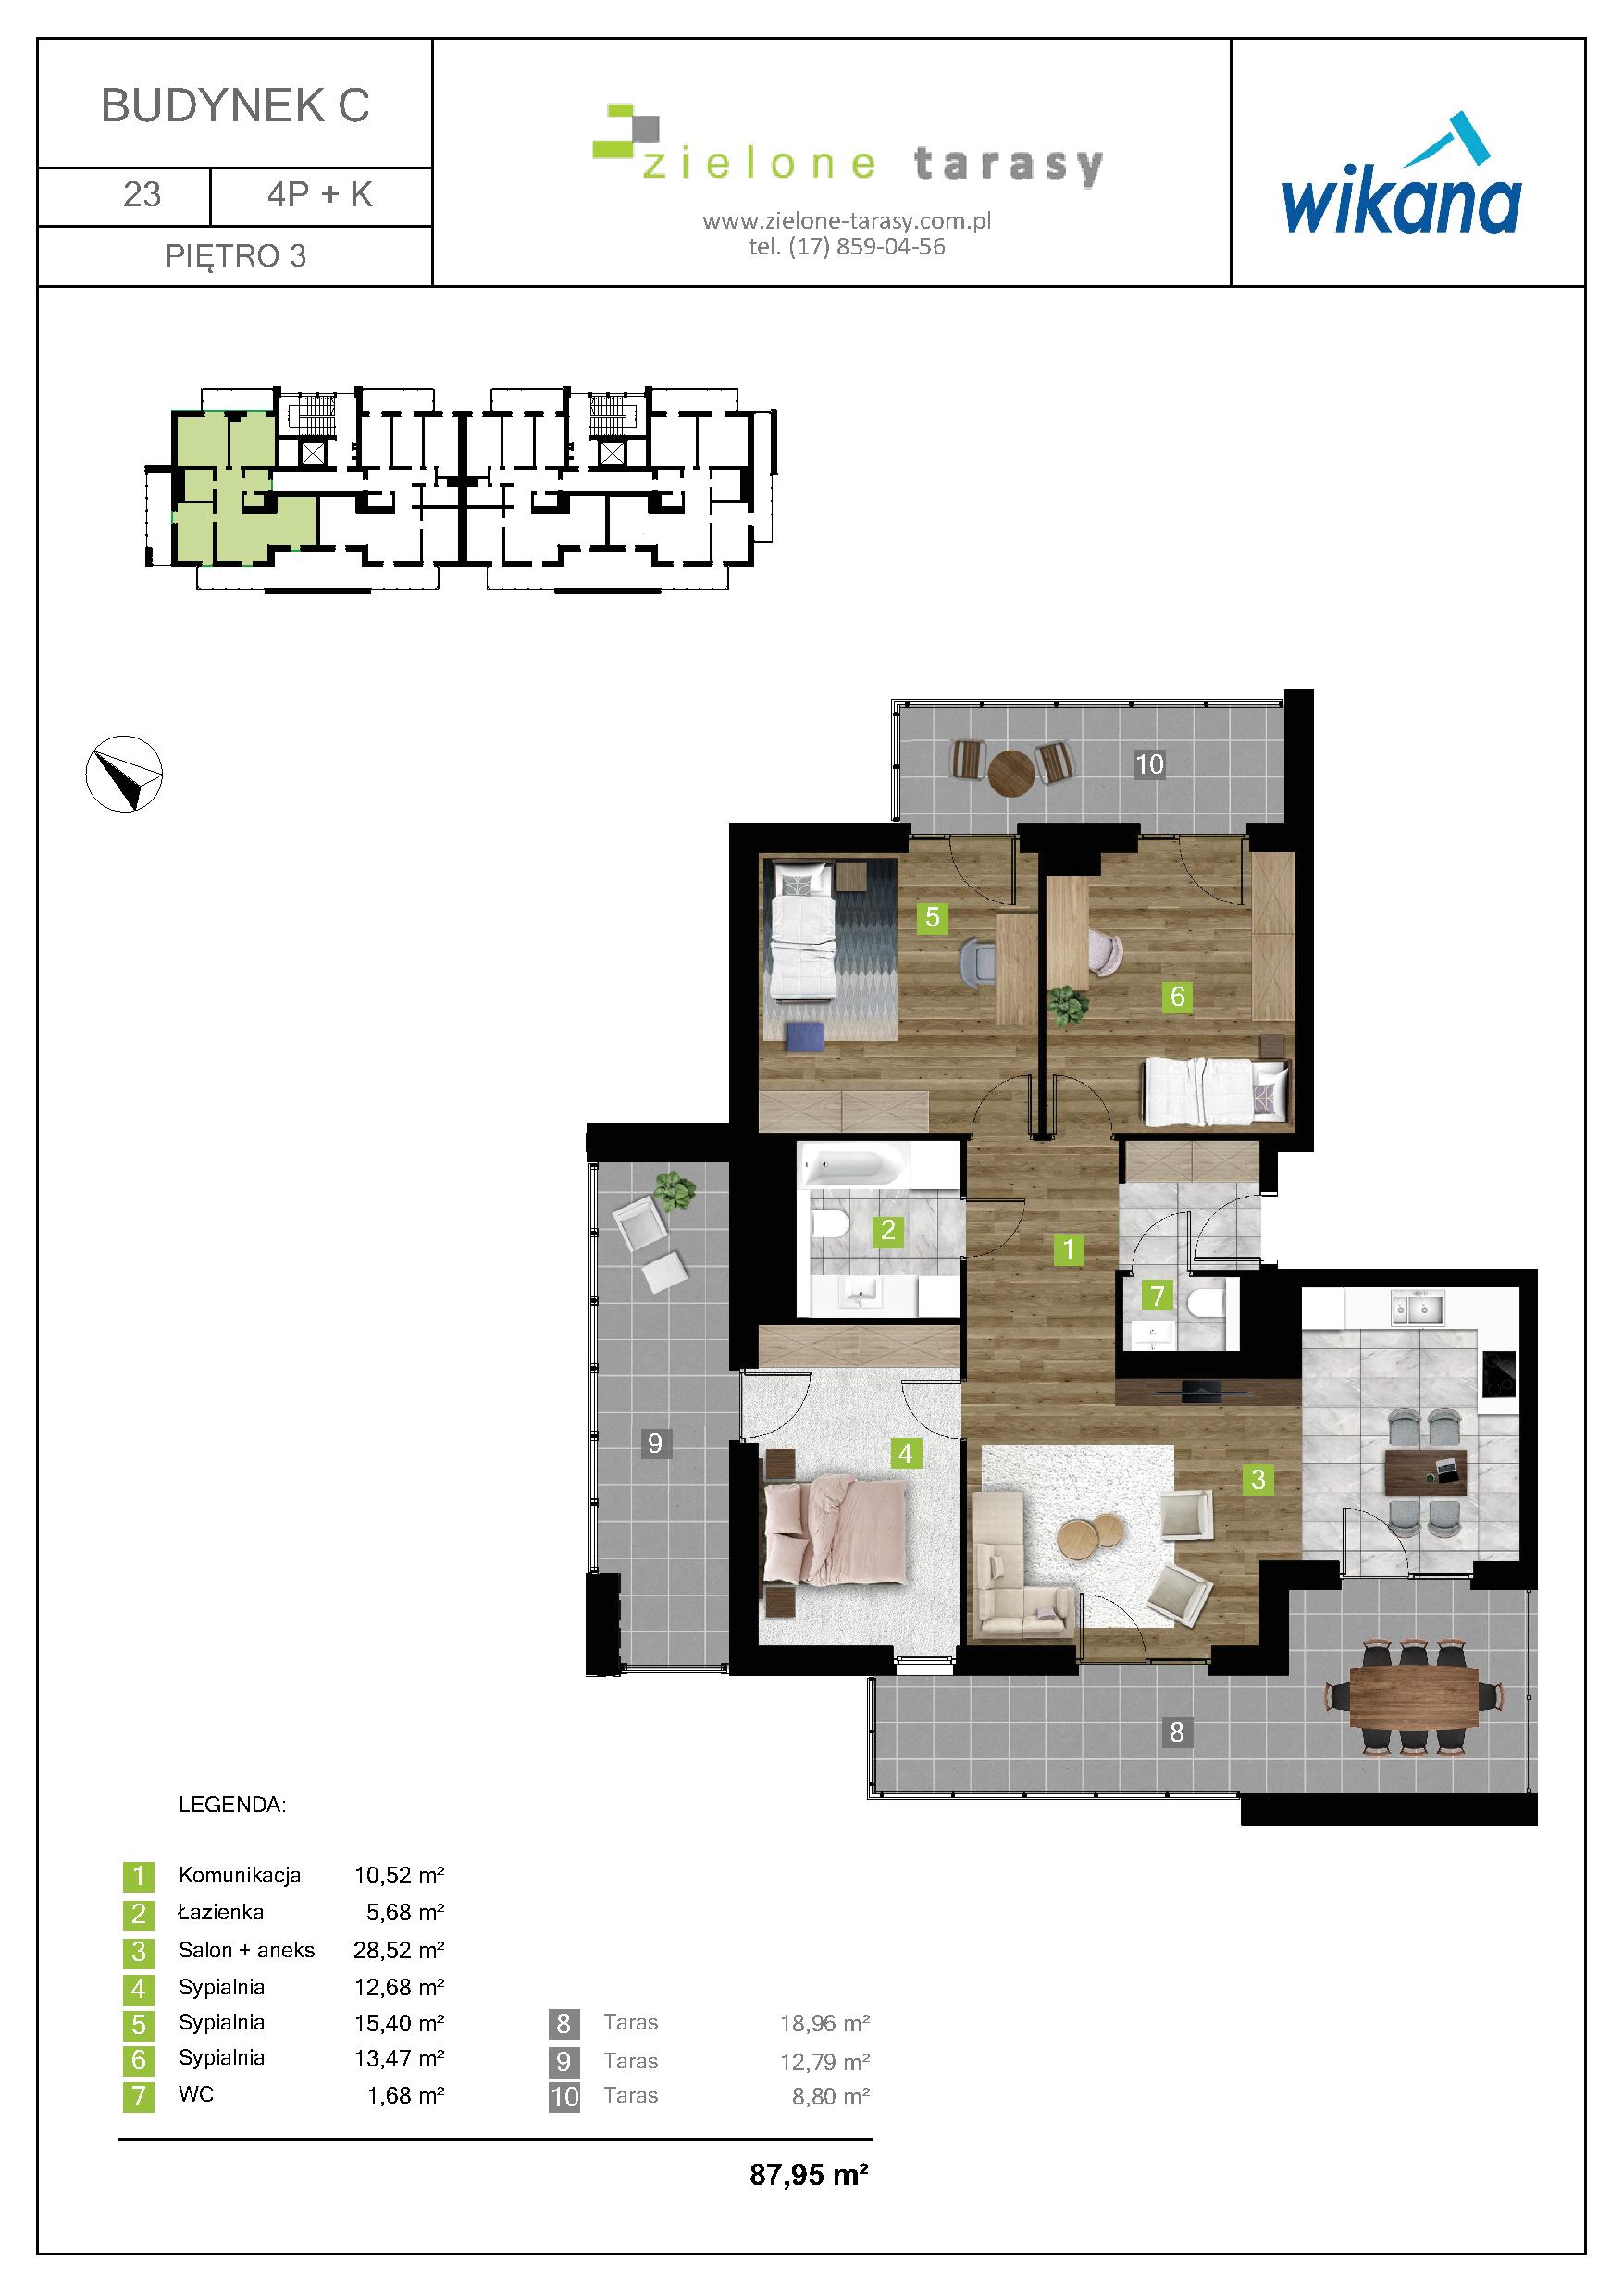 sprzedaż mieszkań rzeszów - C-23